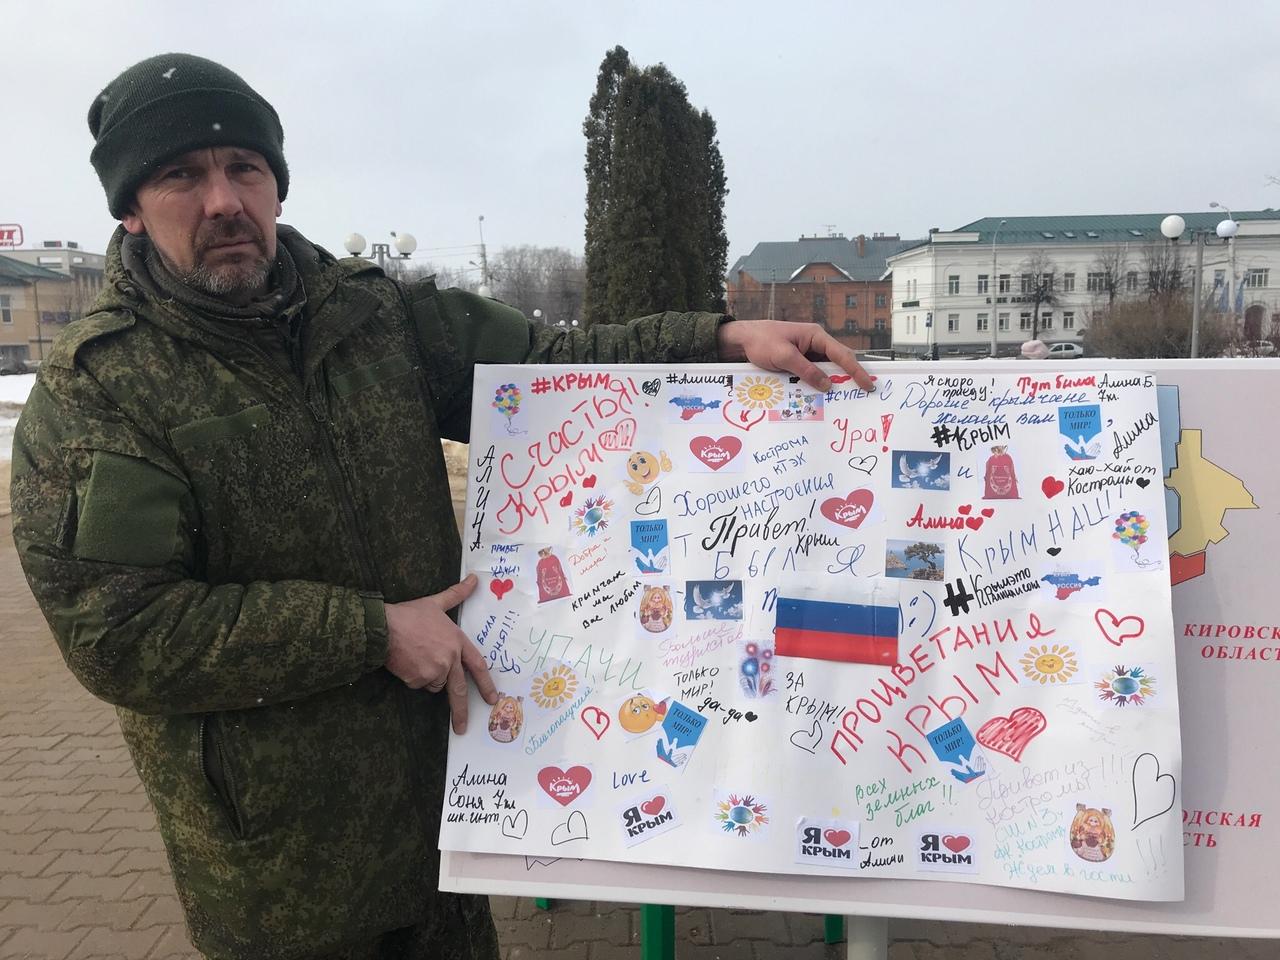 Костромичи продемонстрировали хорошее знание российской истории